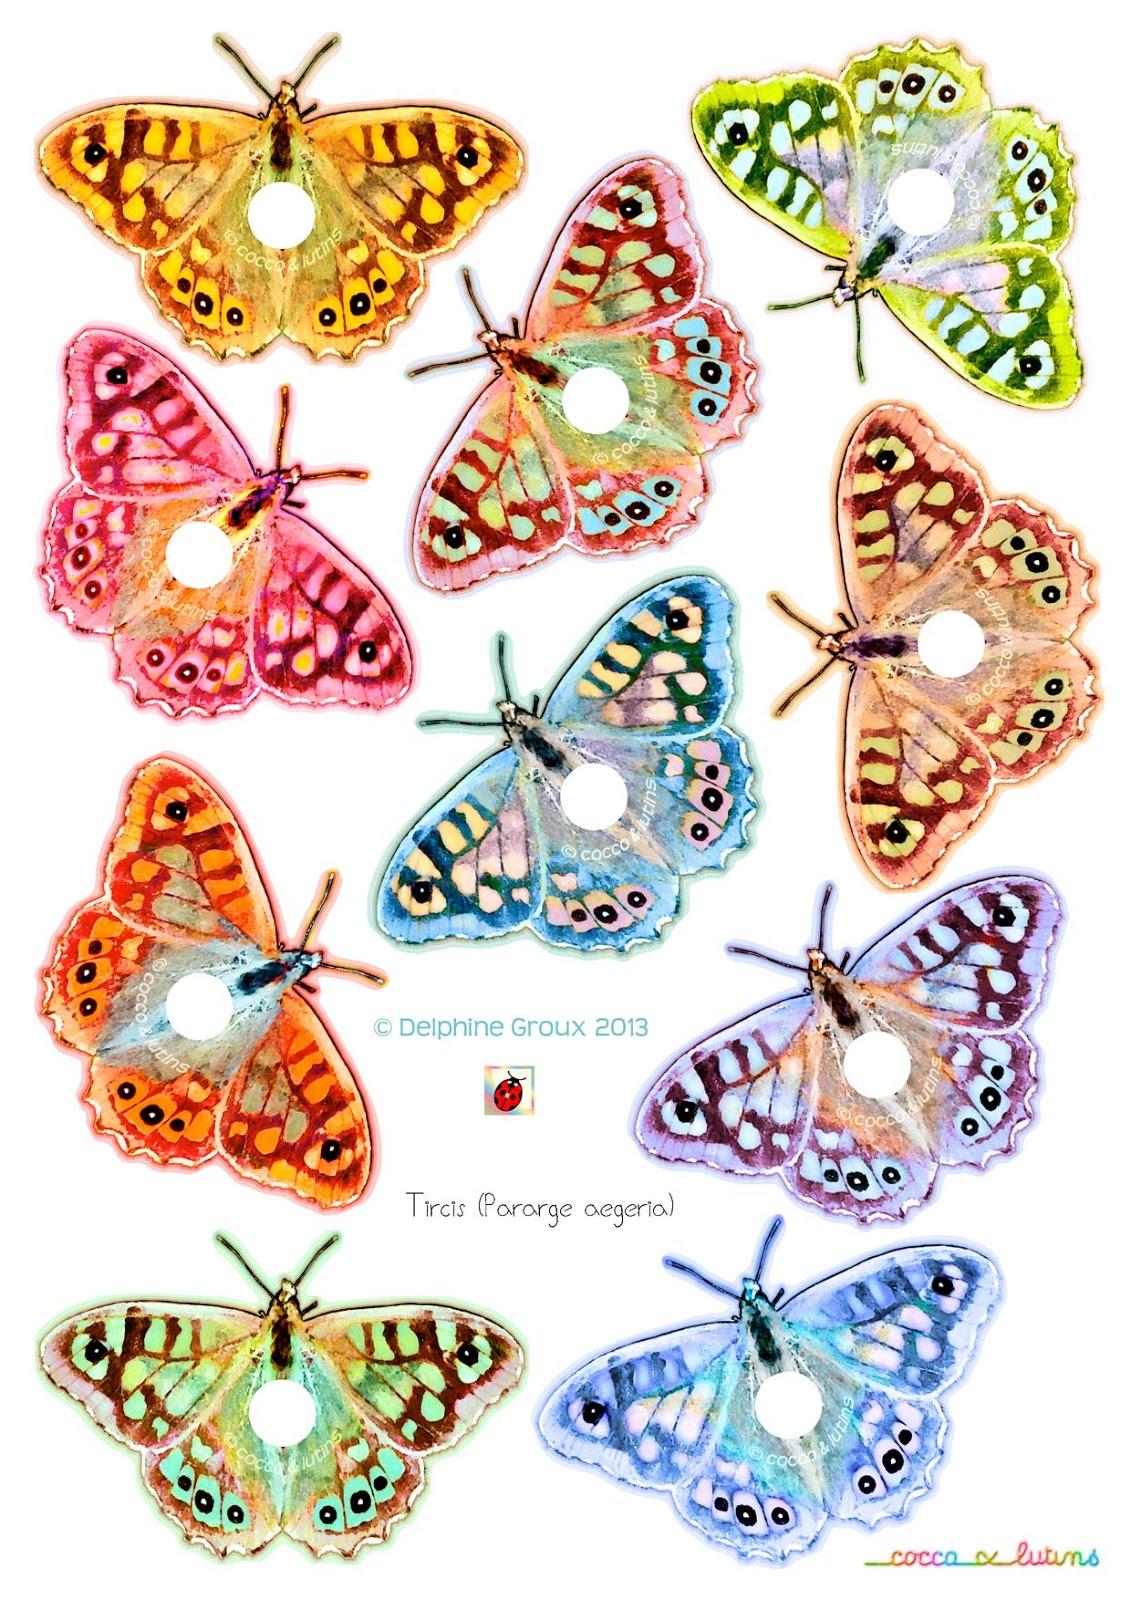 Cocco lutins marque verre les papillons d 39 alissandre - Dessin papillon a decouper ...